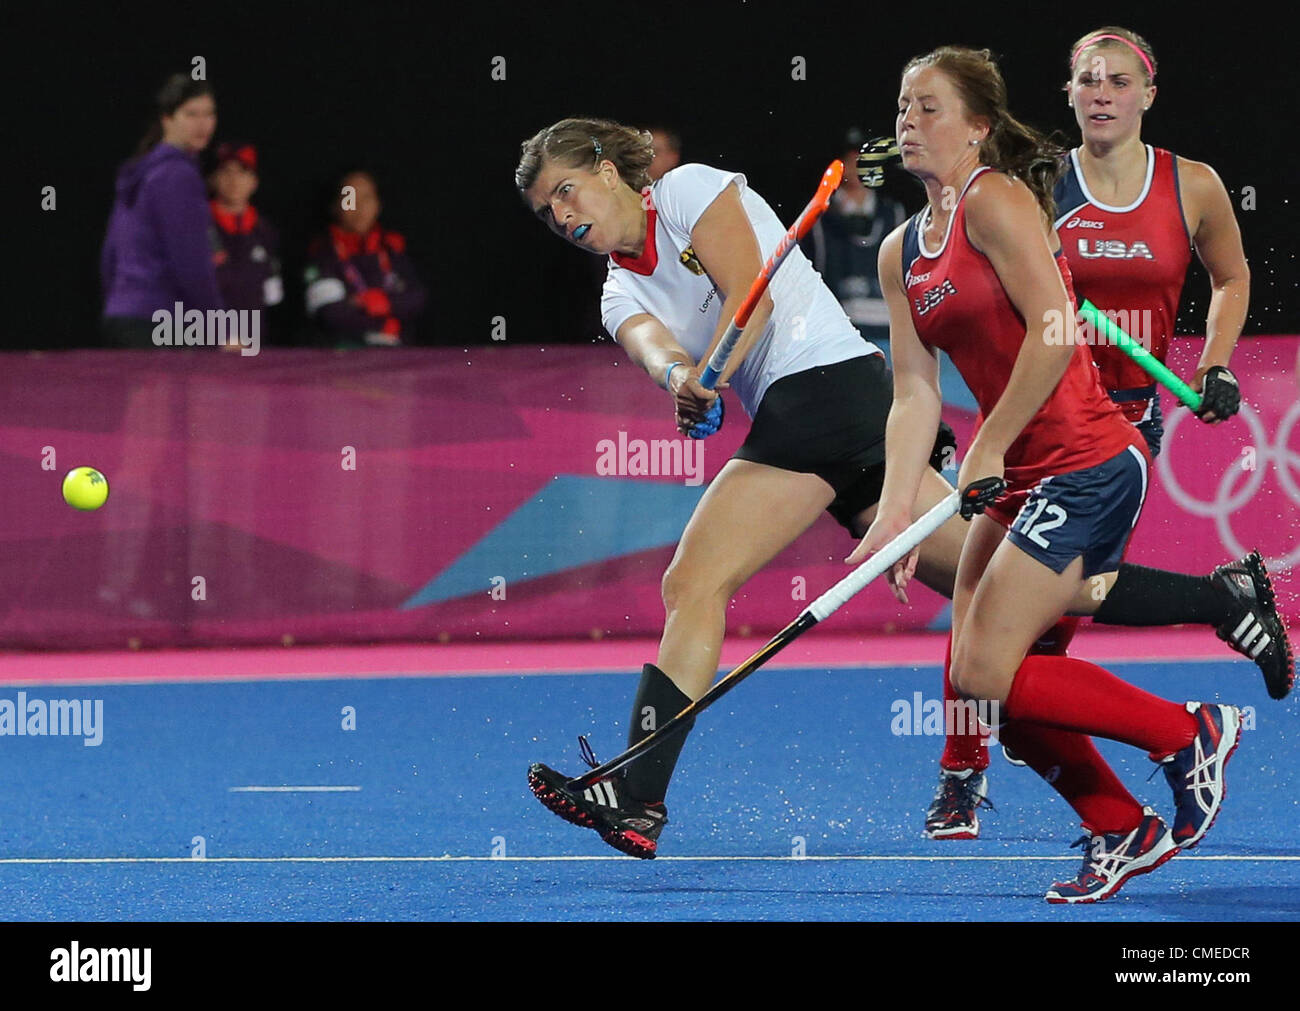 Natascha Keller Olympic medal